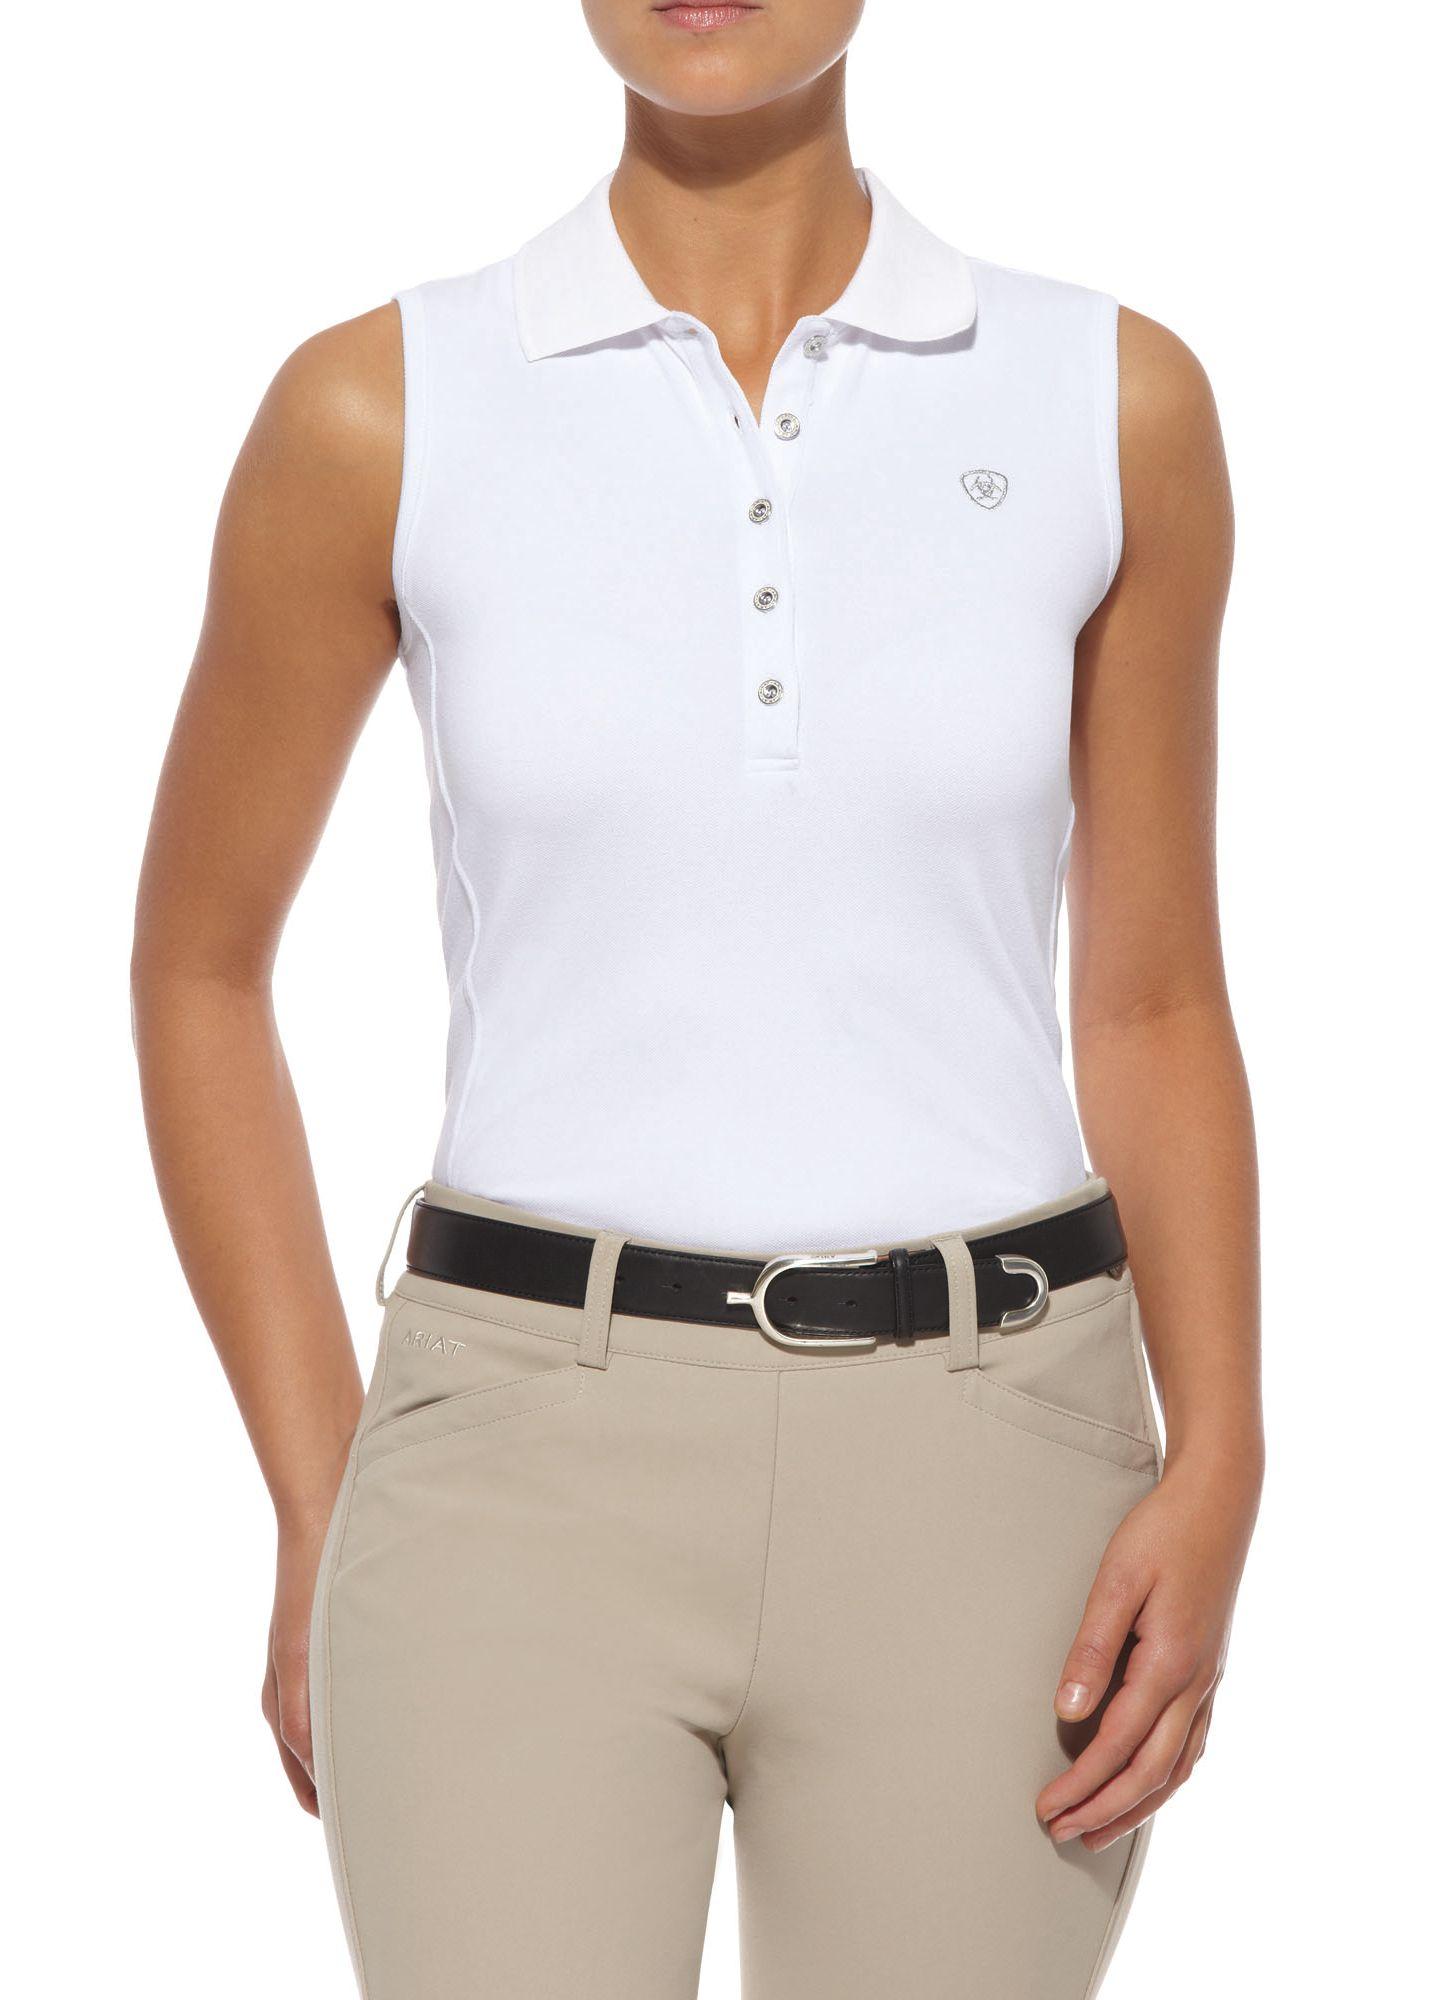 Ariat Prix Sleeveless Polo - Ladies, White